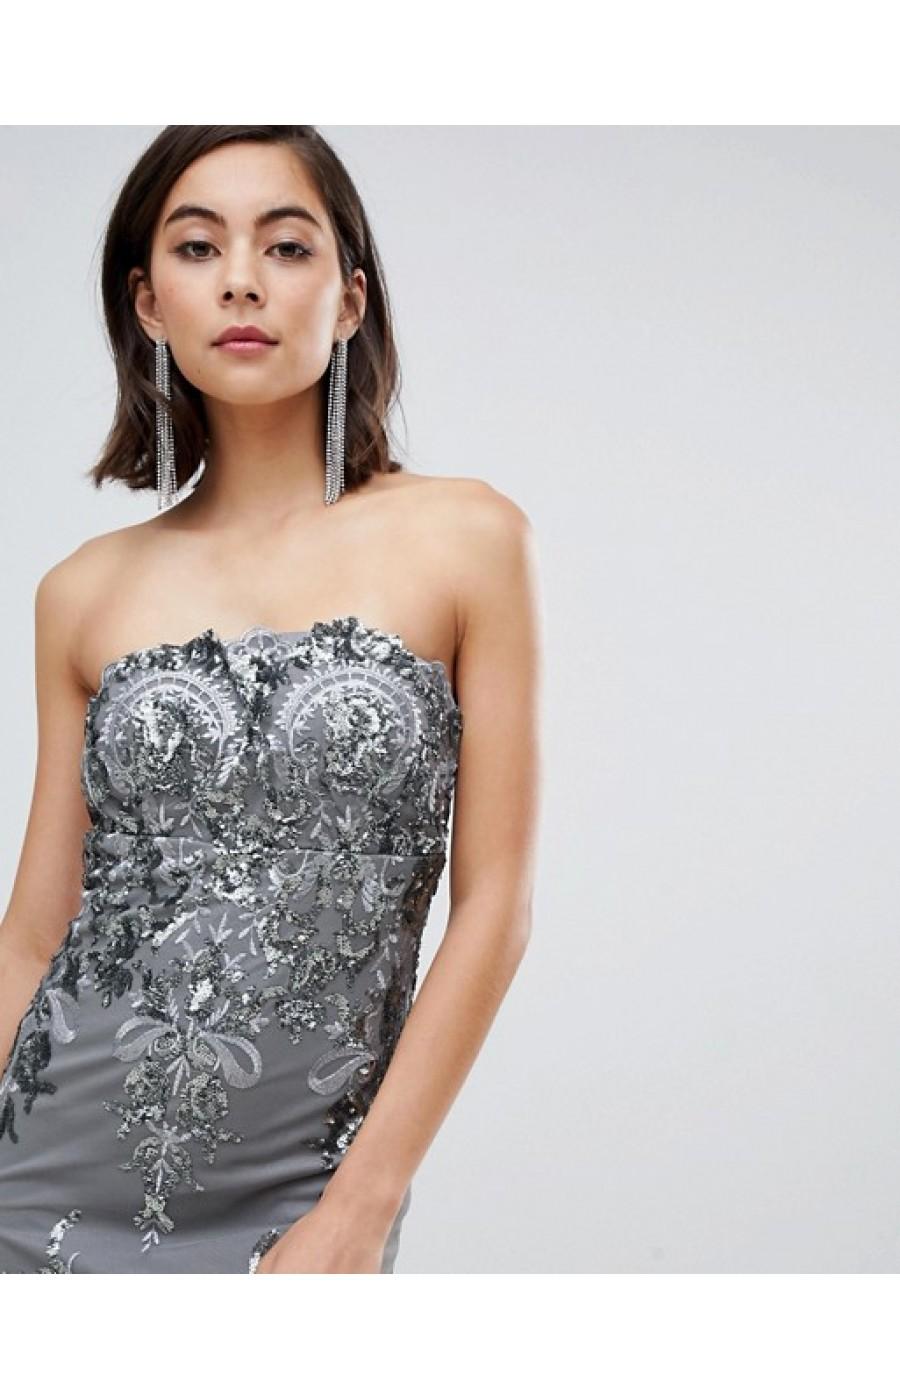 Μακρύ επίσημο γκρί ασημί φόρεμα με δαντέλα